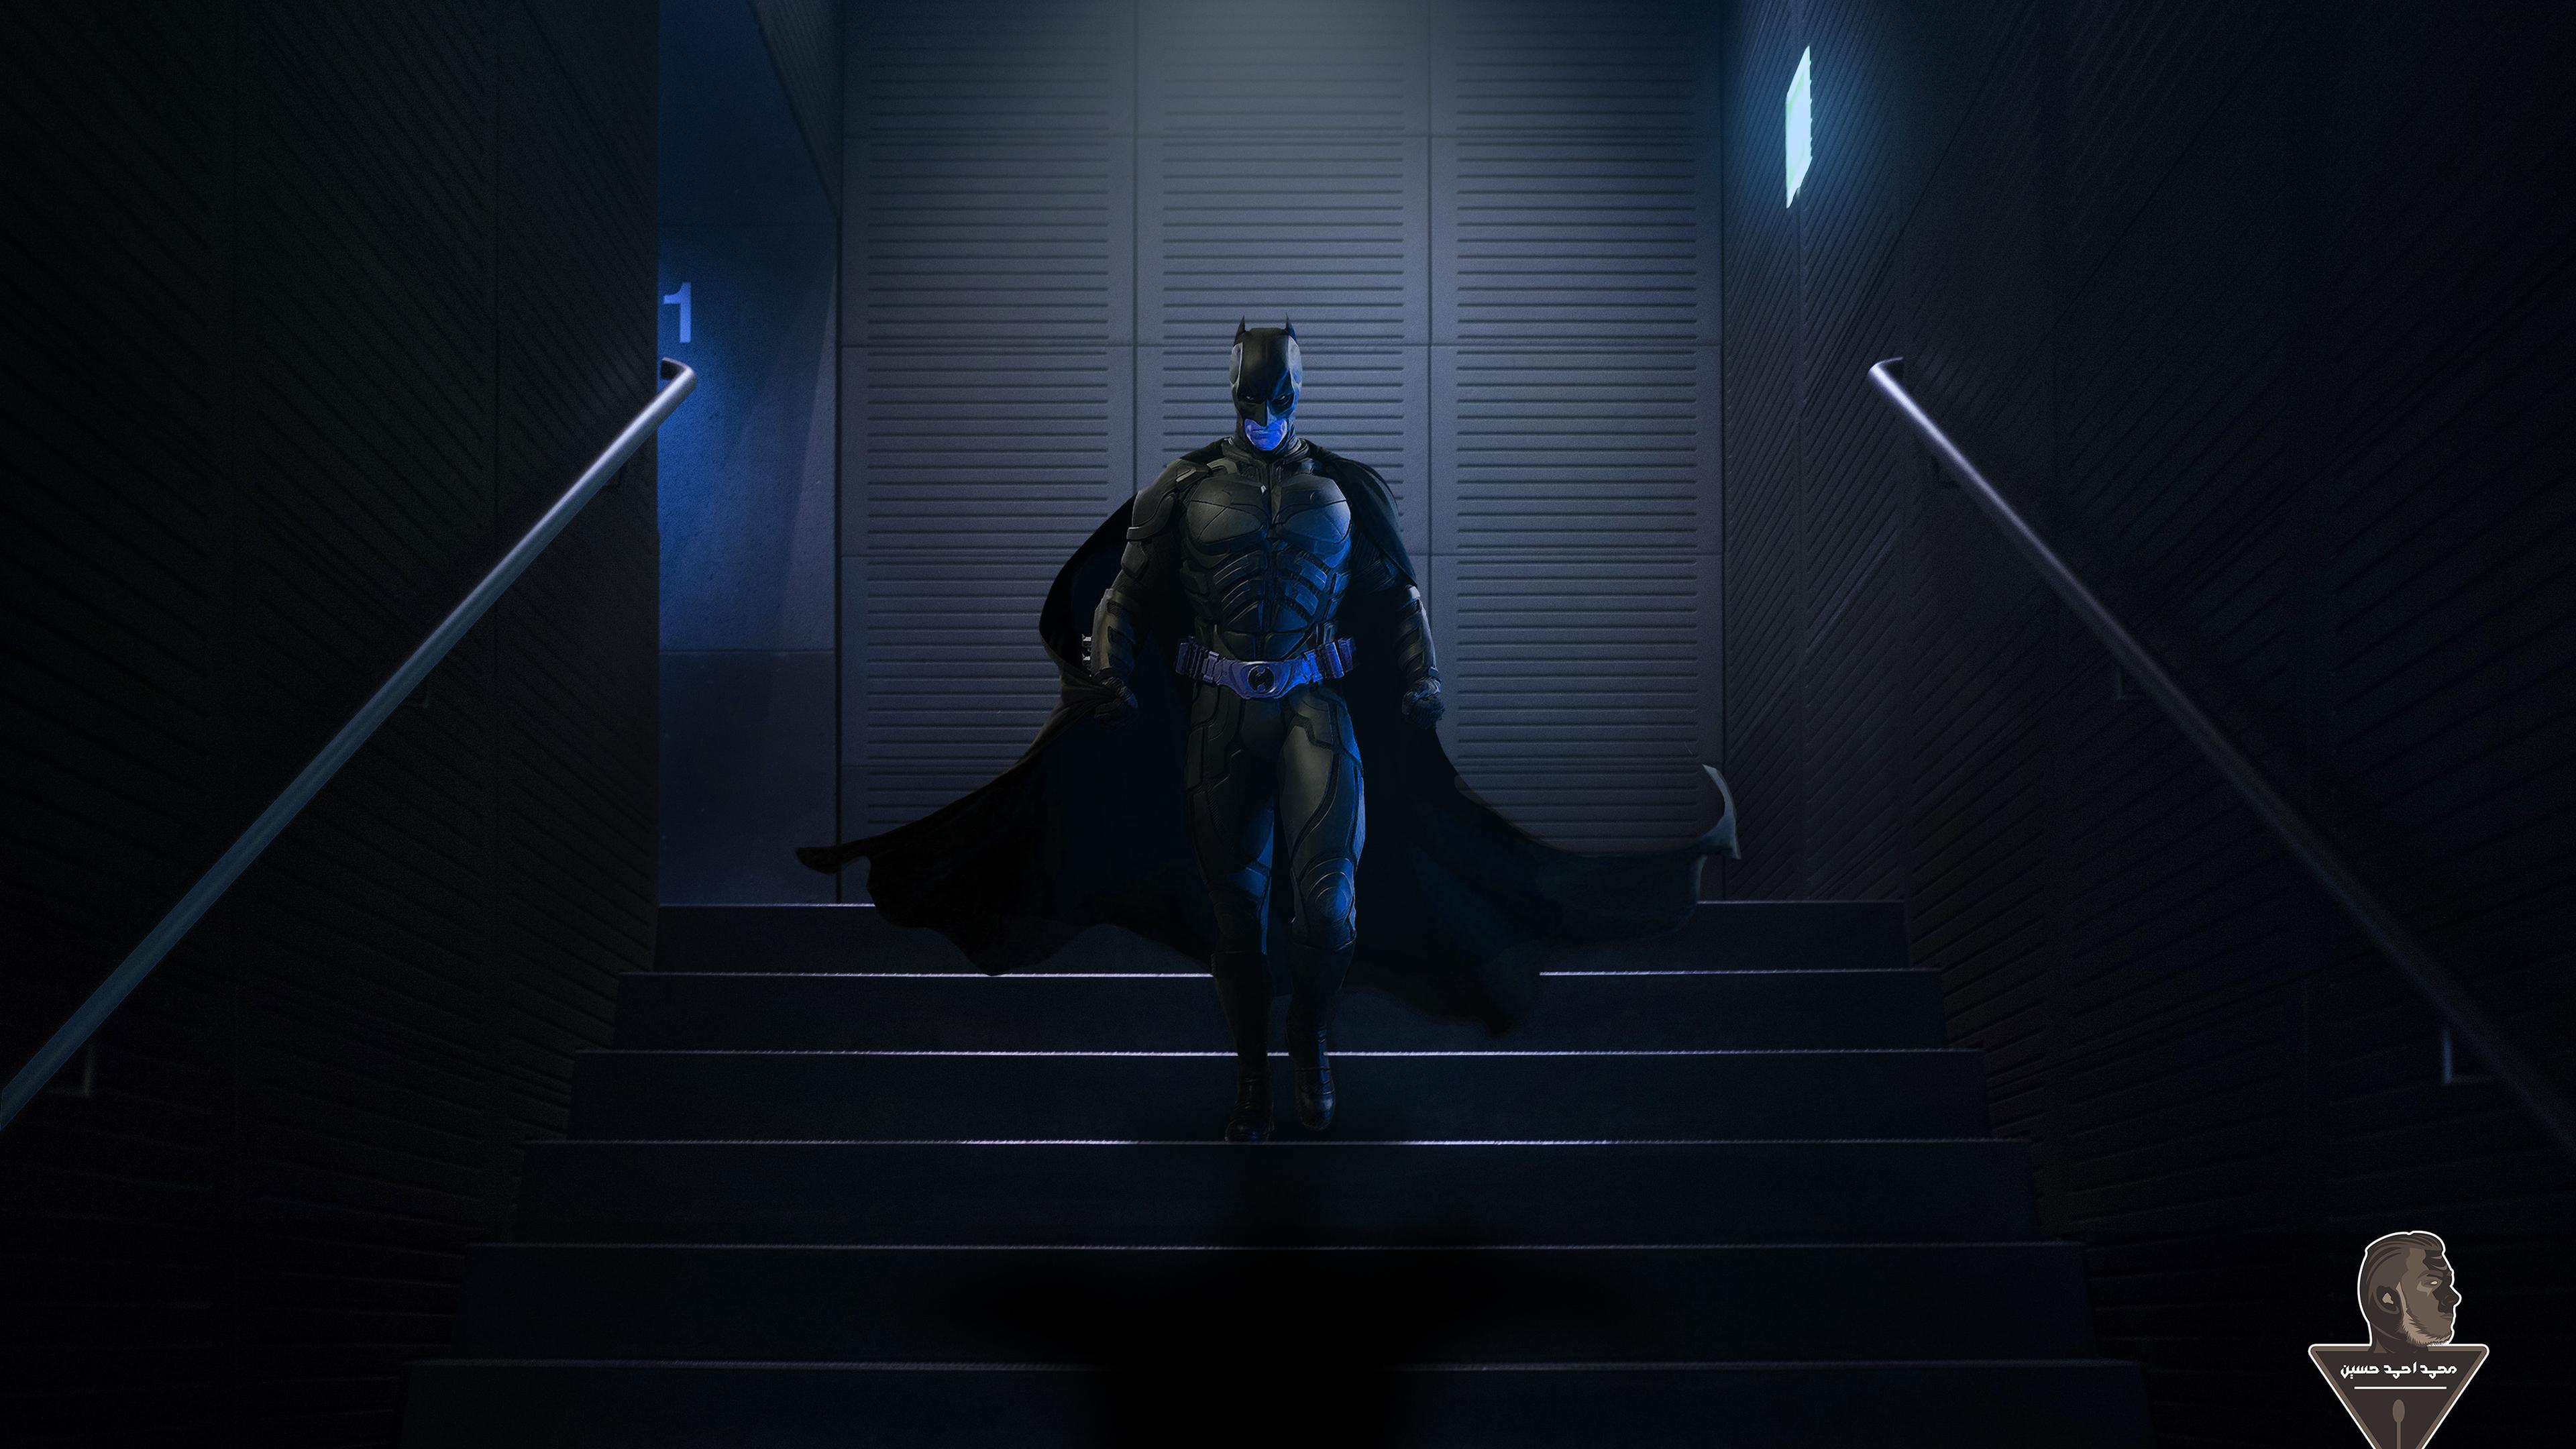 batman walking downstairs 1565052858 - Batman Walking Downstairs - superheroes wallpapers, hd-wallpapers, digital art wallpapers, behance wallpapers, batman wallpapers, artwork wallpapers, artist wallpapers, 4k-wallpapers